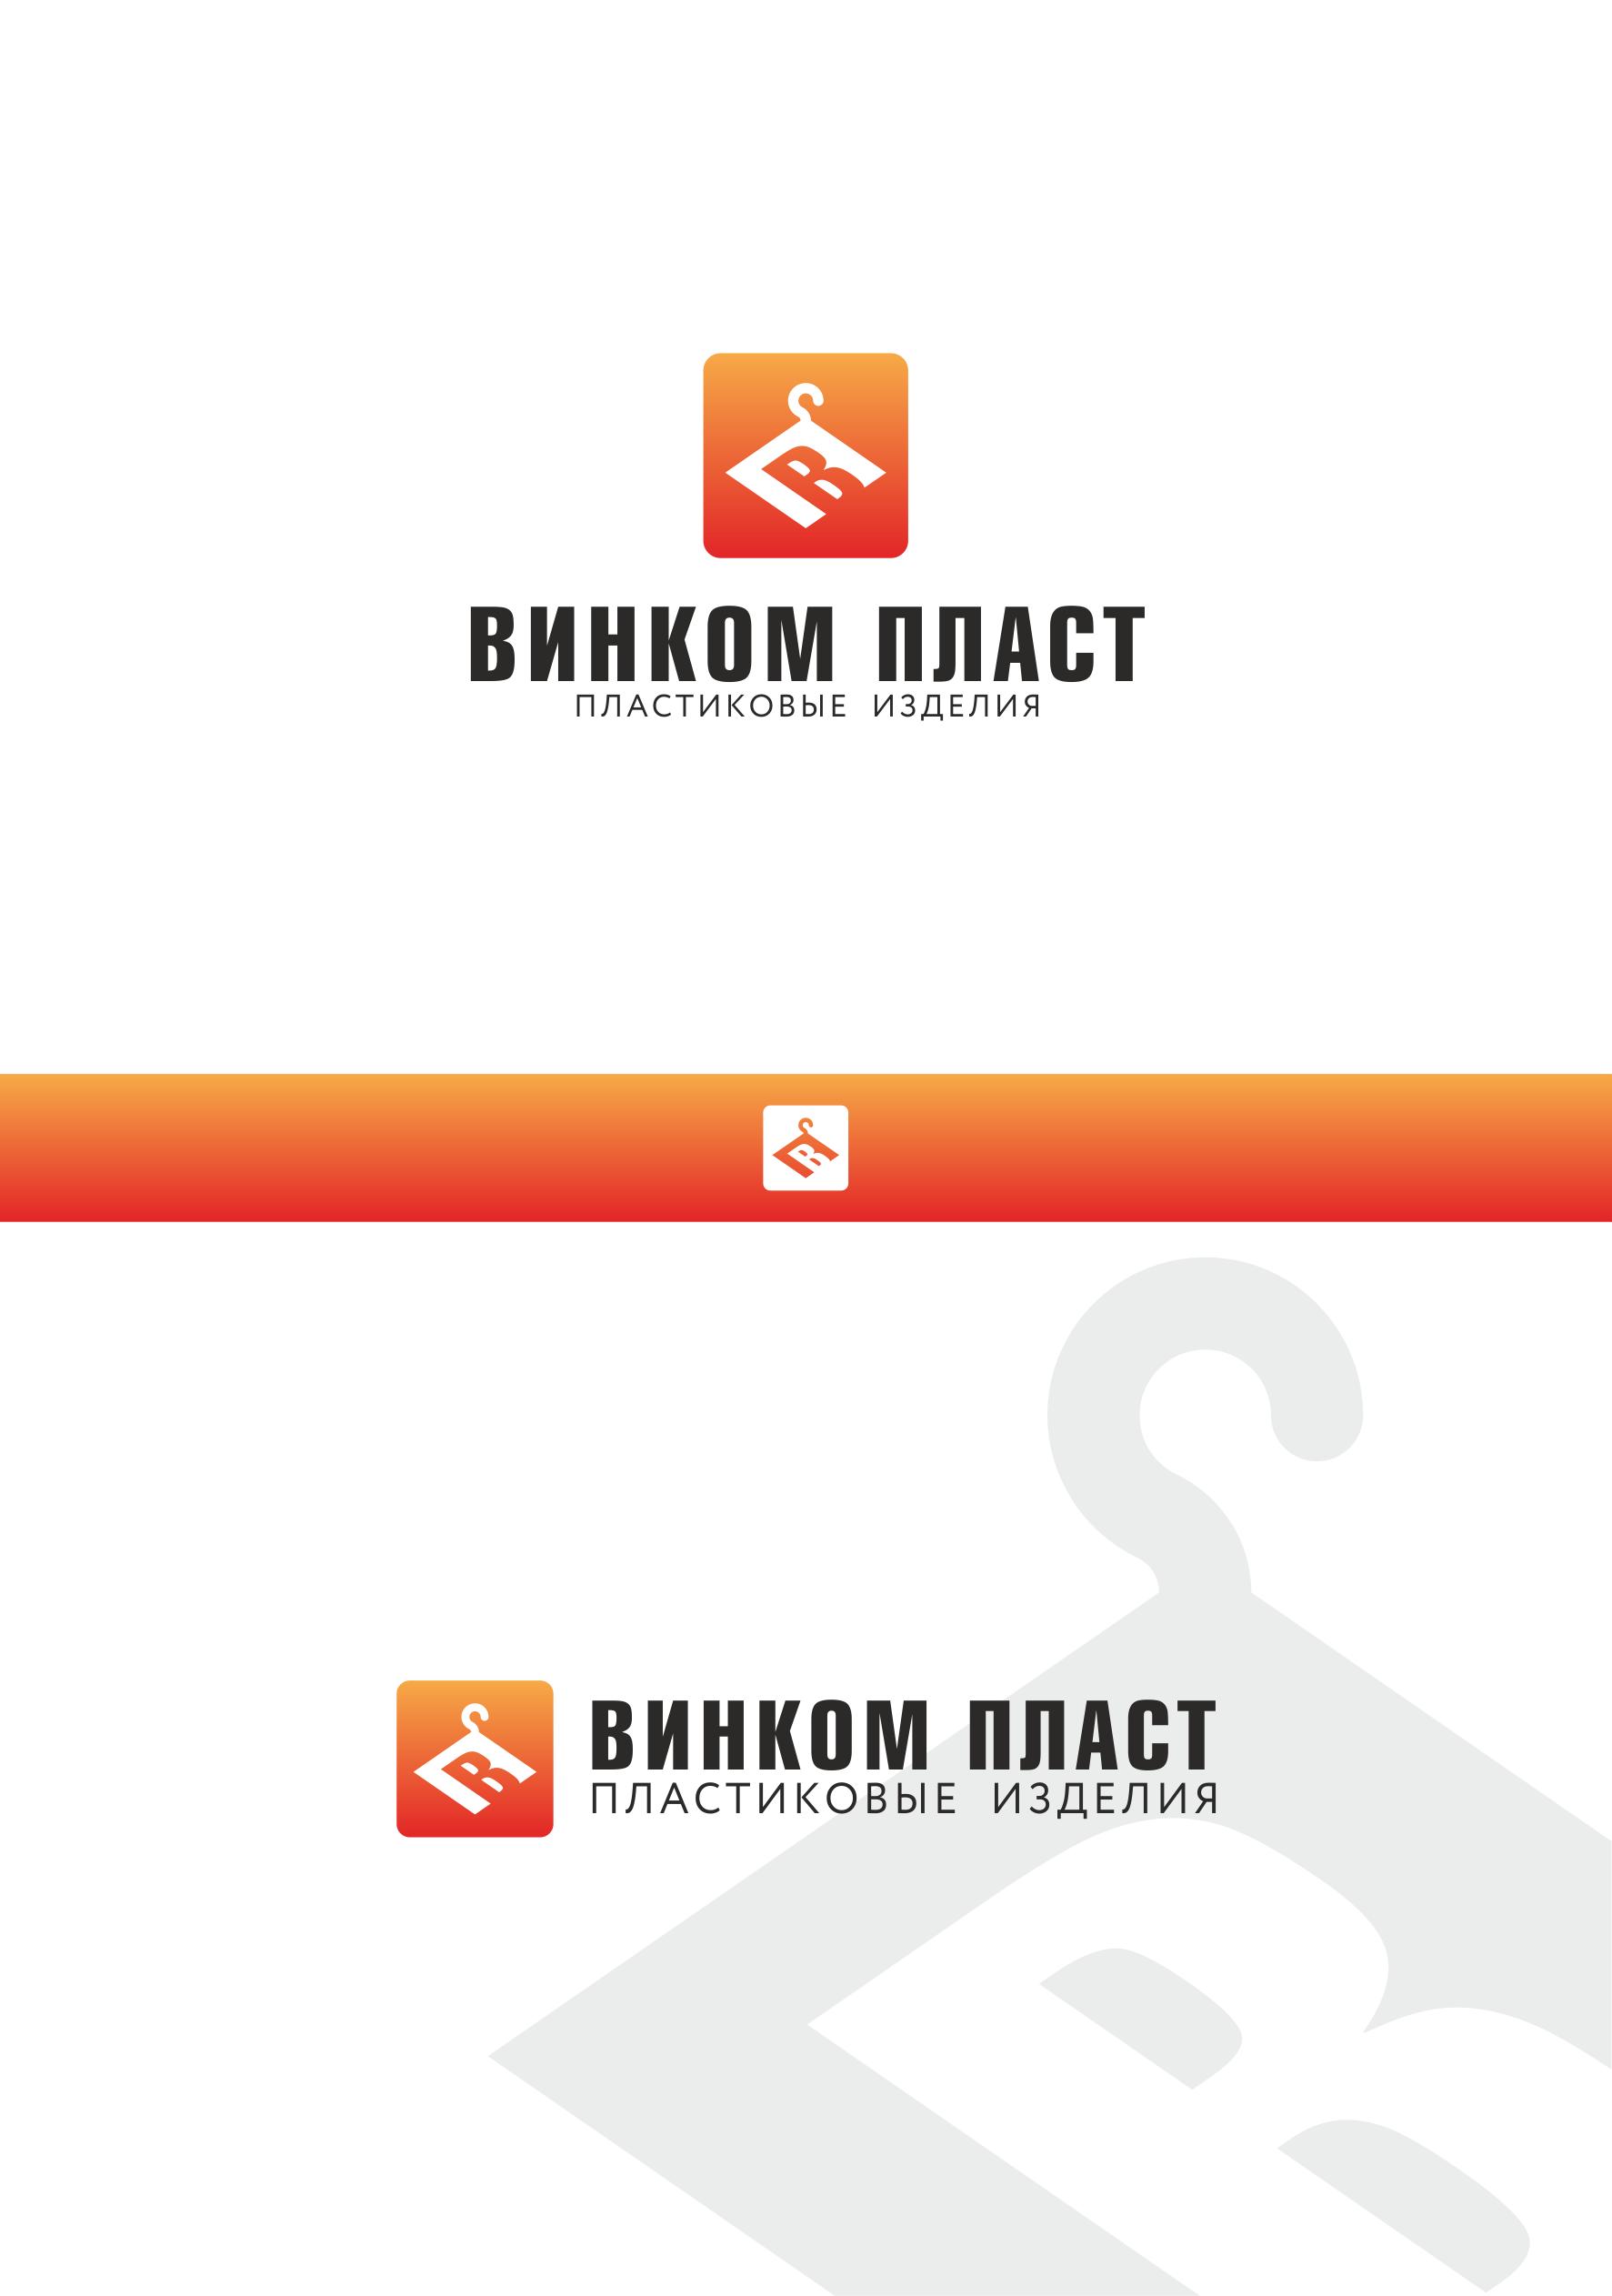 Логотип, фавикон и визитка для компании Винком Пласт  фото f_9315c3c0240f08fe.png